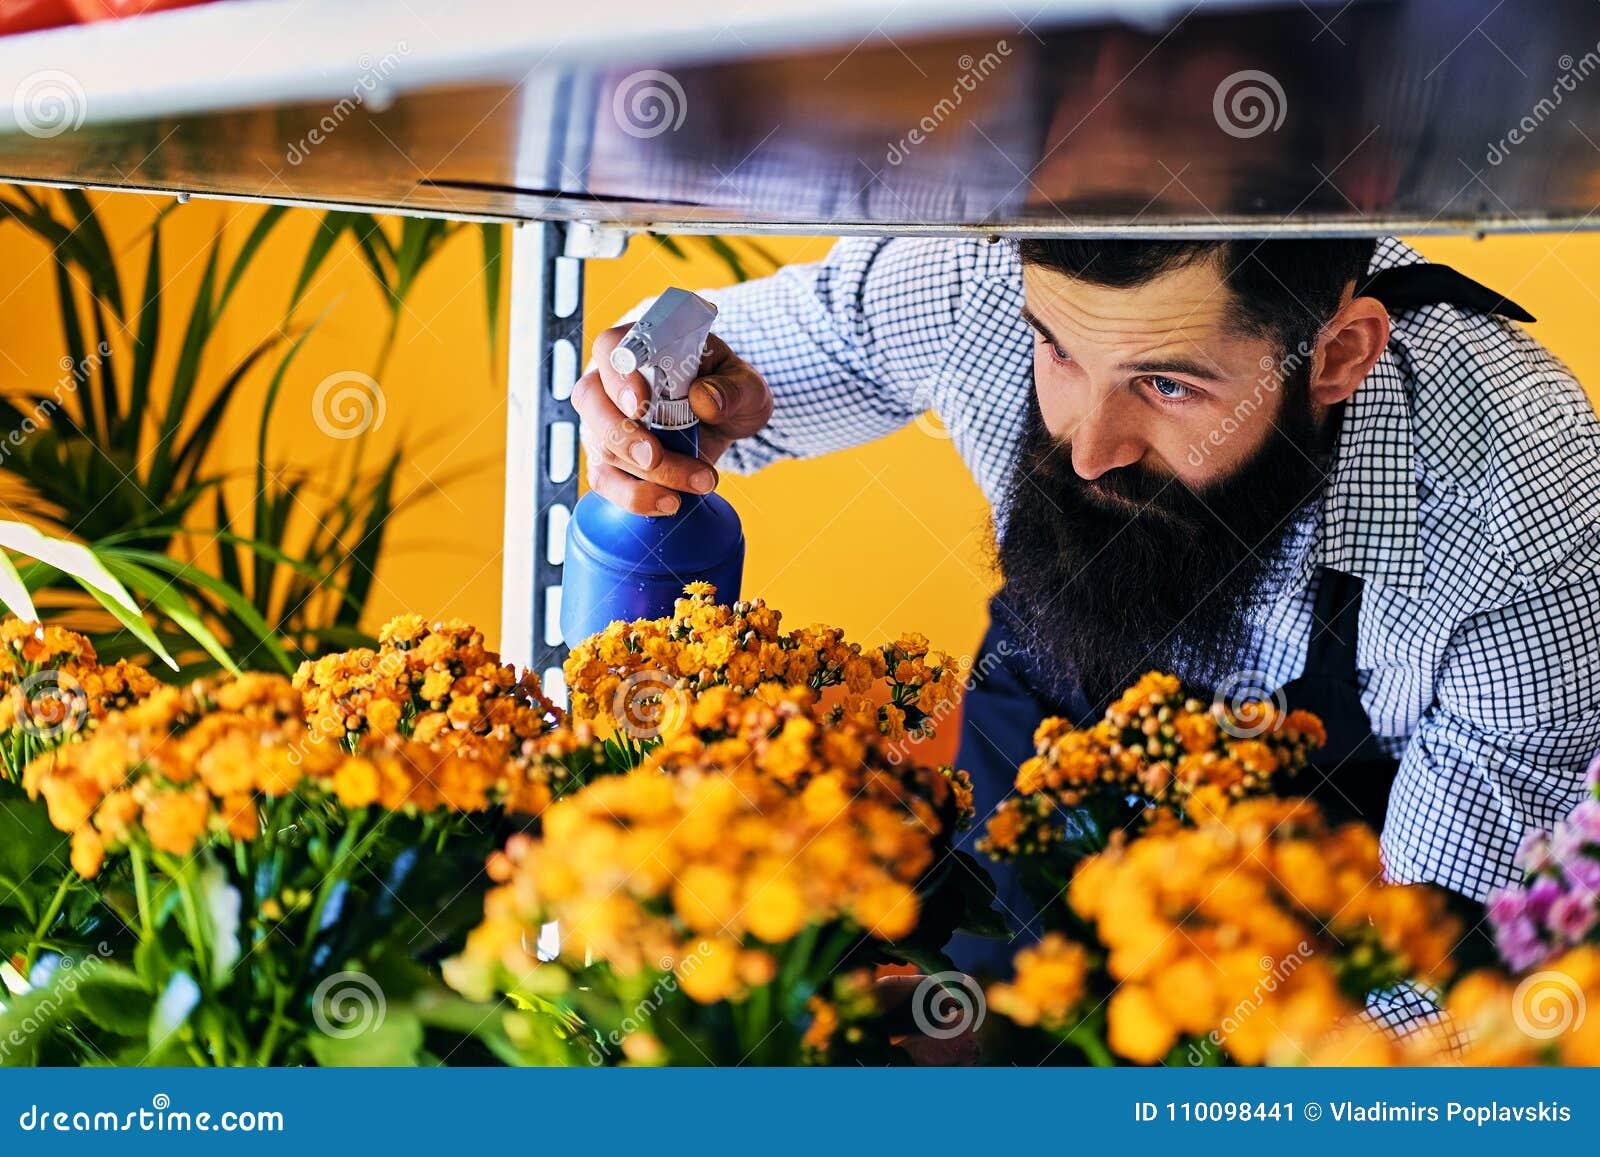 Grober bärtiger Blumenverkäufer mit Tätowierungen auf seinen Armen in einem flowe